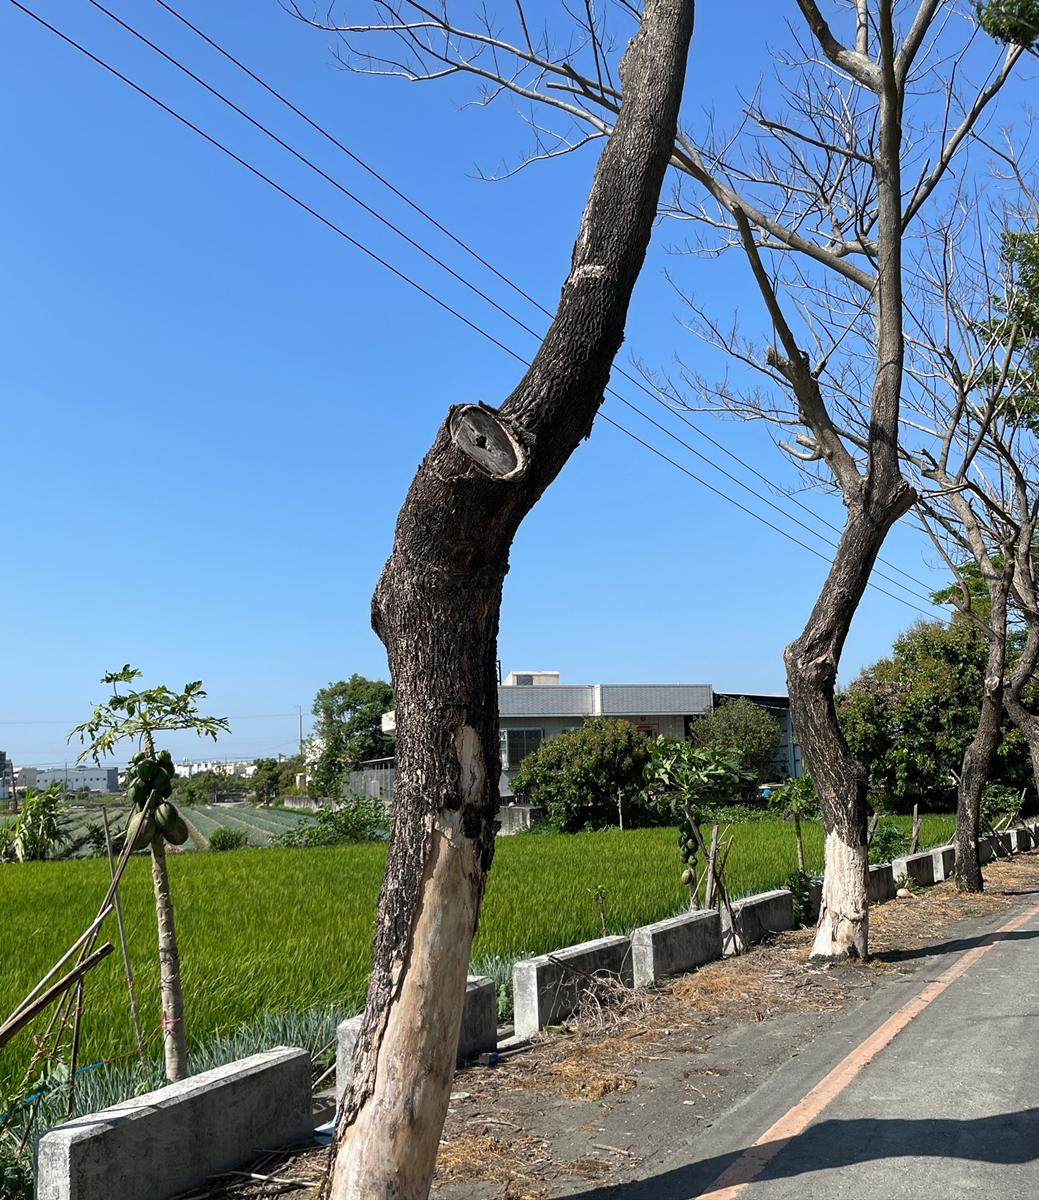 為永續經營公共遊憩品質空間,請珍愛樹木